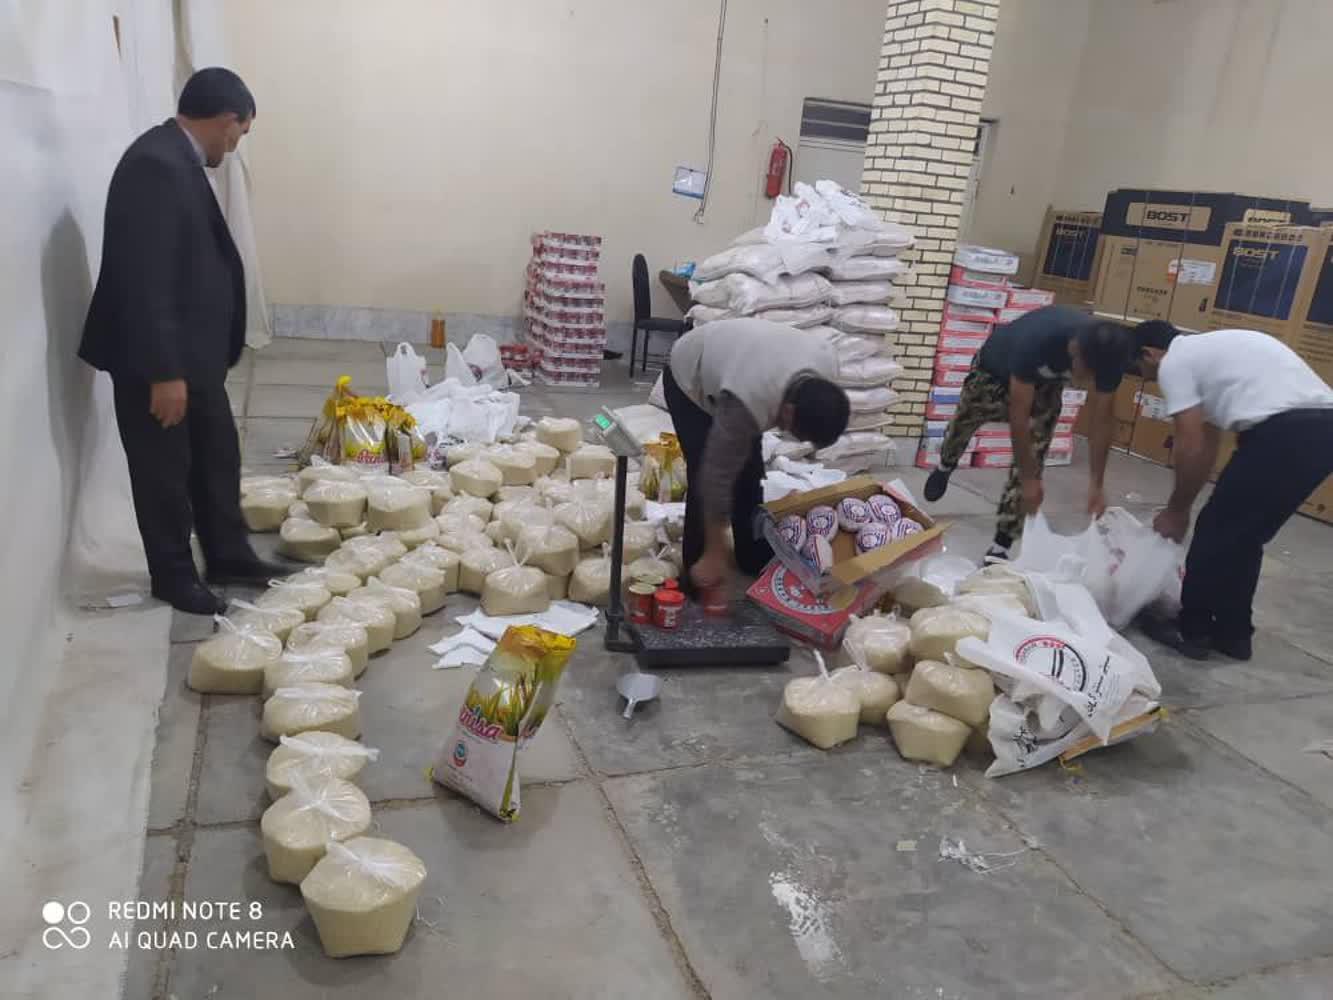 رئیس کمیته امداد باشت خبرداد توزیع بستههای معیشتی بین مددجویان باشت